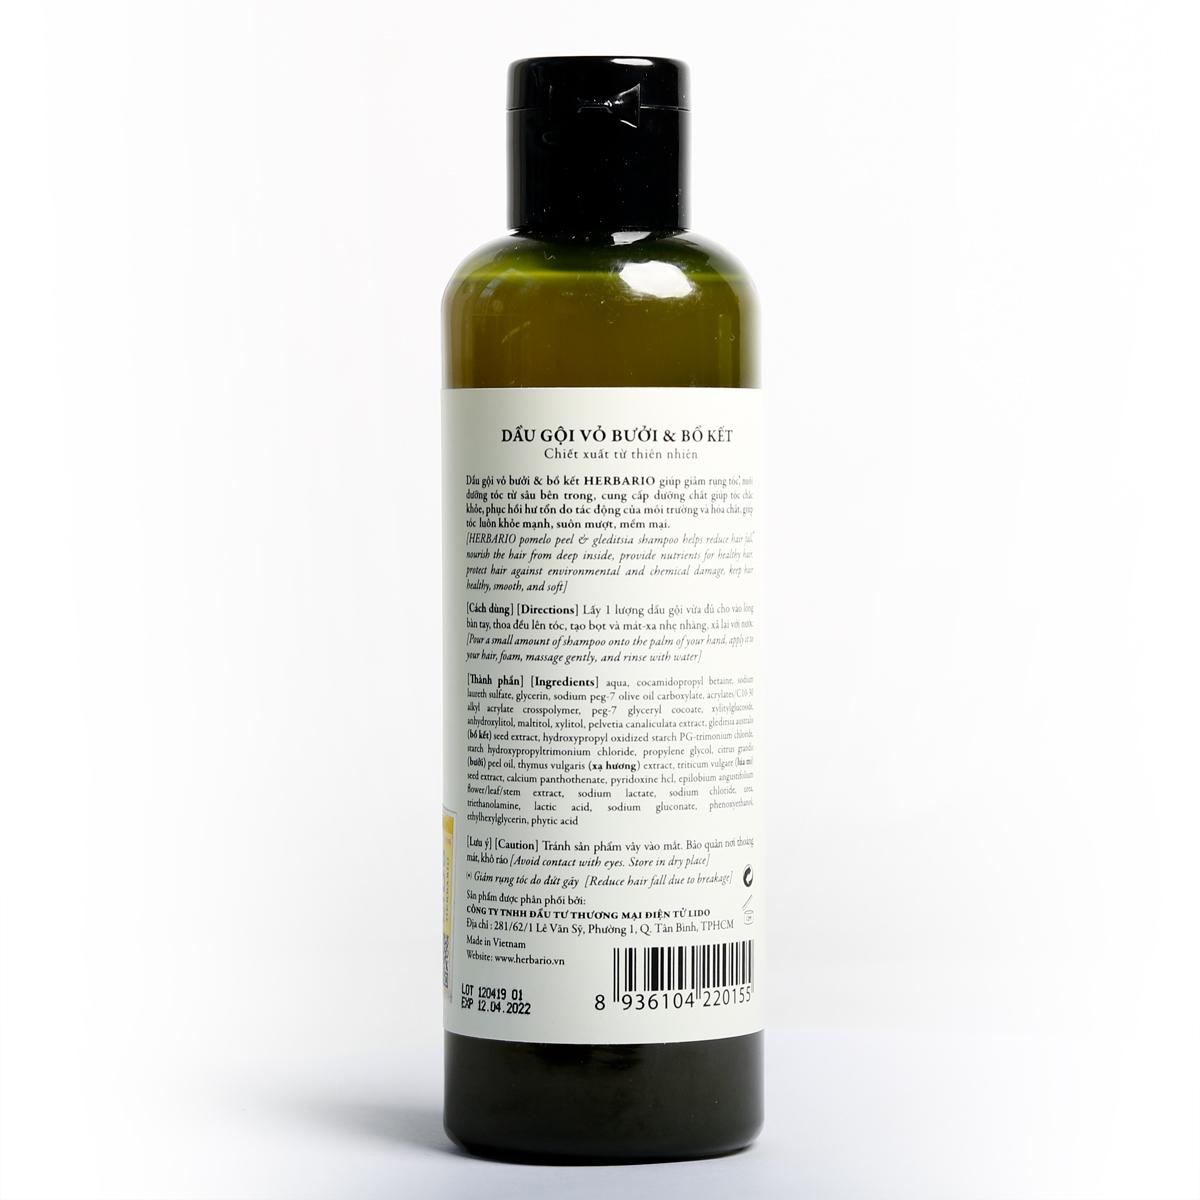 Bộ dầu gội bưởi bồ kết herbario (270ml) + Kem ủ tóc herbario (500ml)